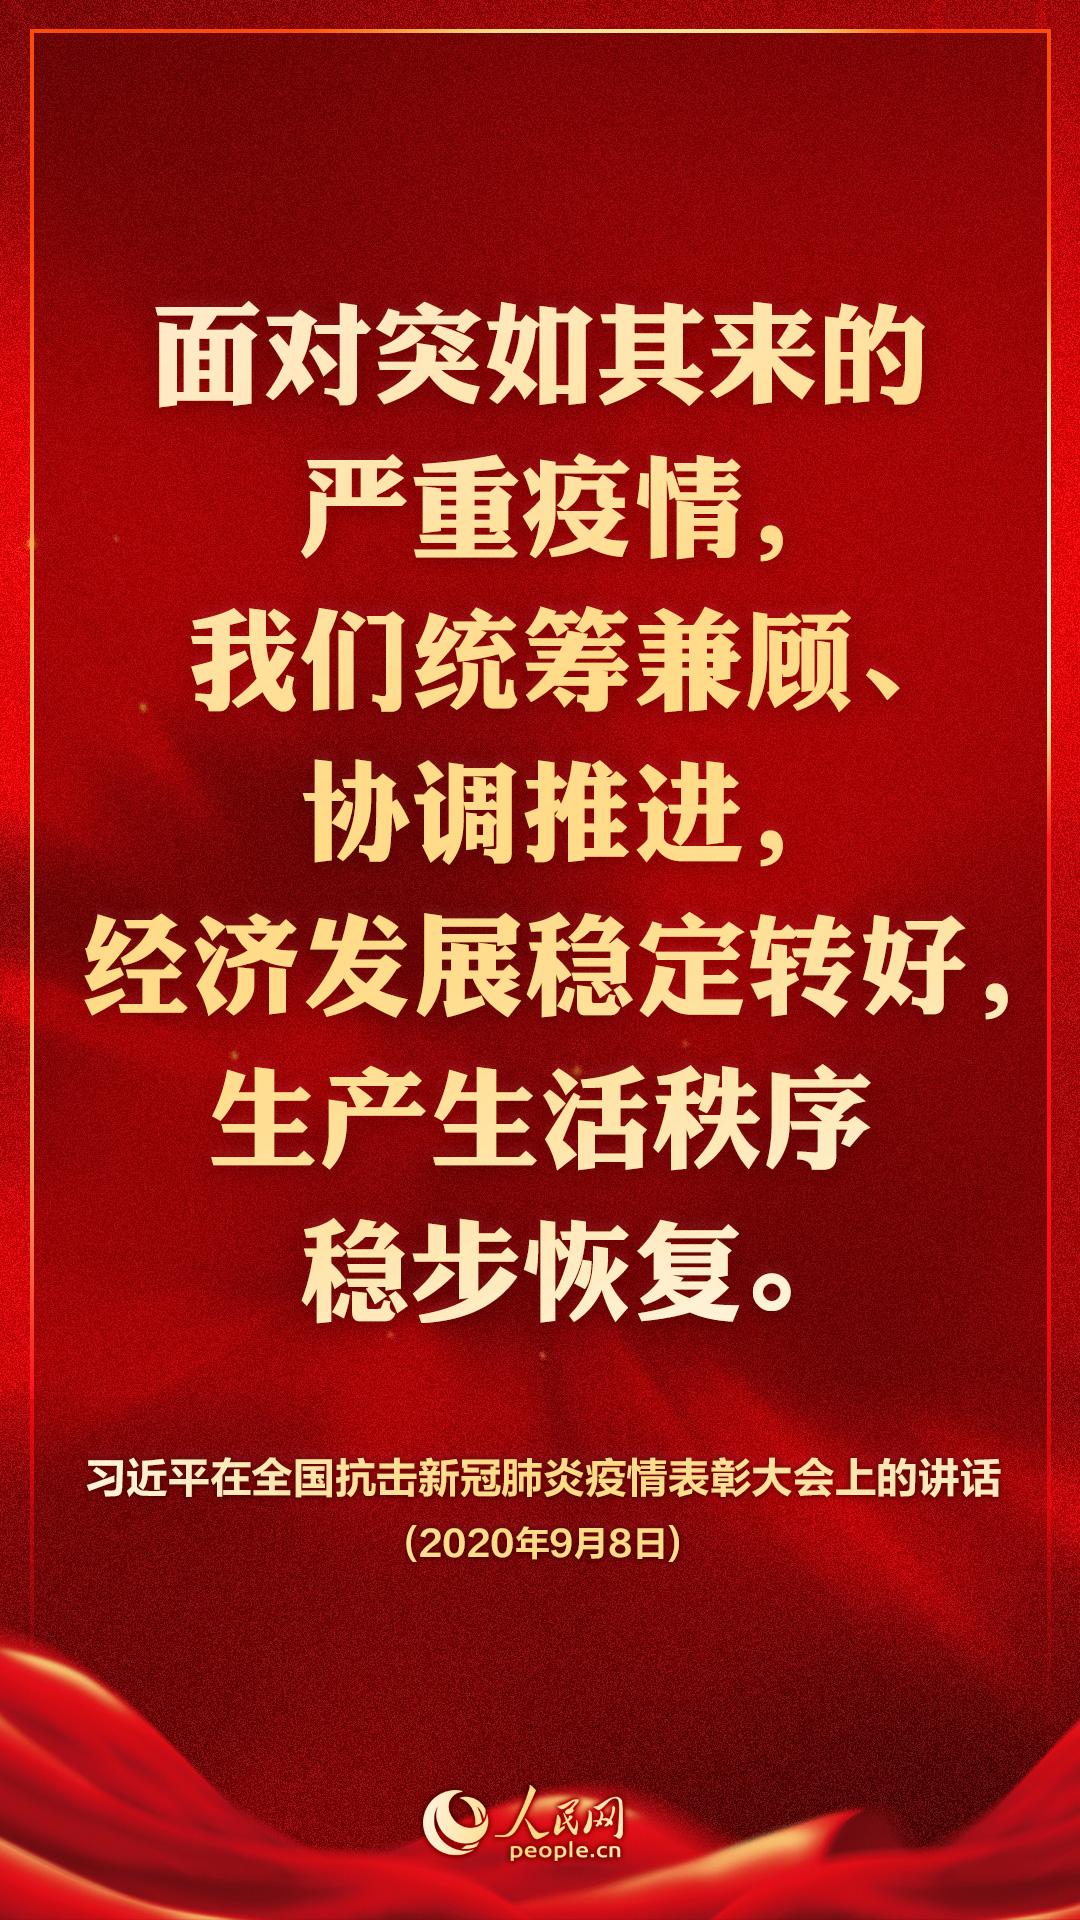 """全国抗击新冠肺炎疫情夺取重大战略成果的""""制胜密码""""04.jpg"""